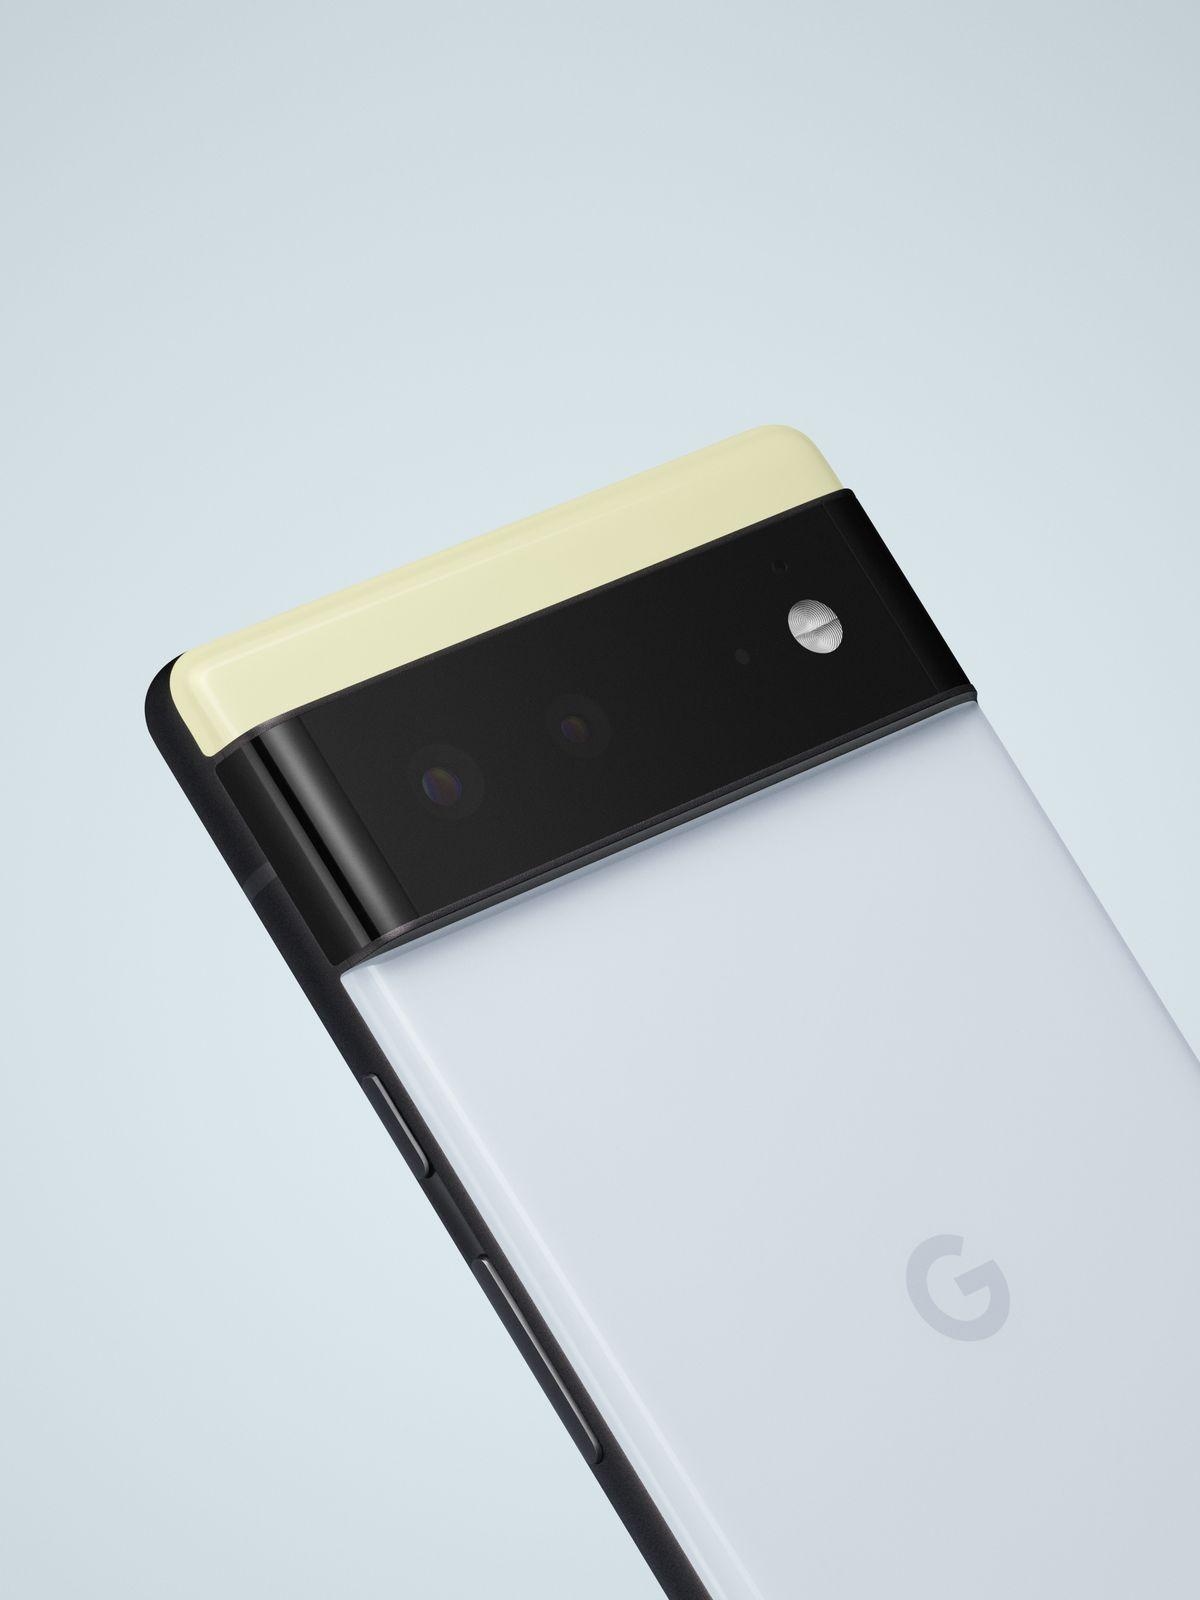 The regular Google Pixel 6 has a matte rail.